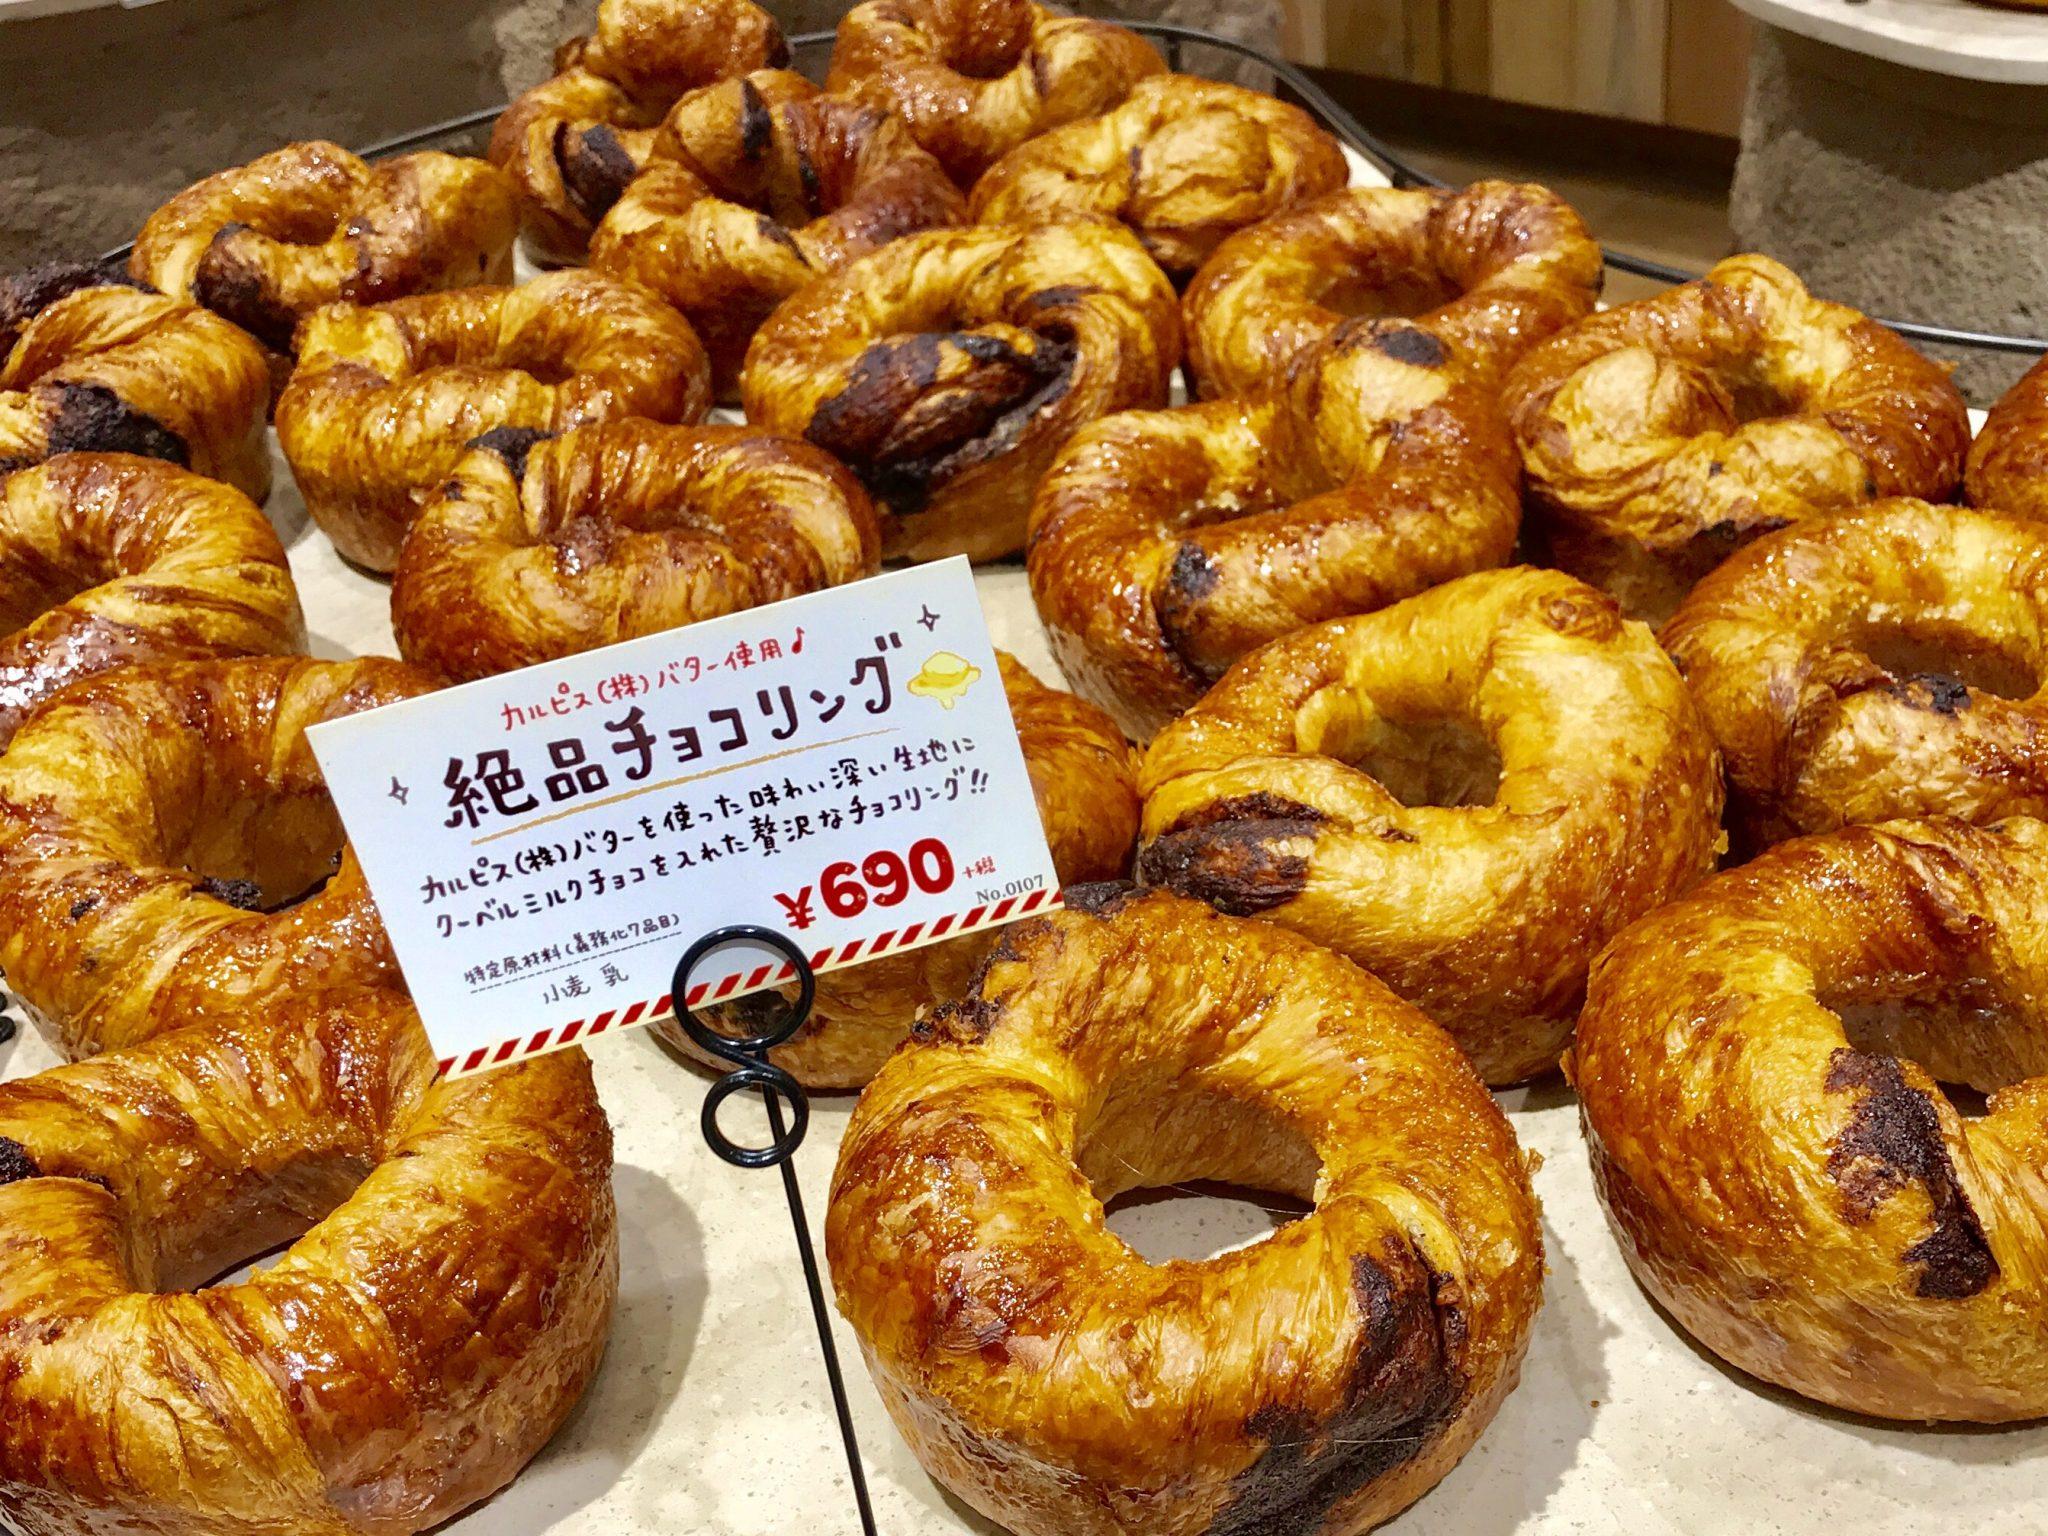 《徳島市/Heart Bread ANTIQUE(ハートブレッドアンティーク)イオンモール徳島店》惣菜パン&スイーツパン、おやつにおもたせ、なんでもコイ! 激かわいいベーカリーショップがイオンにニューオープン♪ マジカルおいしいのはチョコリングだけじゃない!